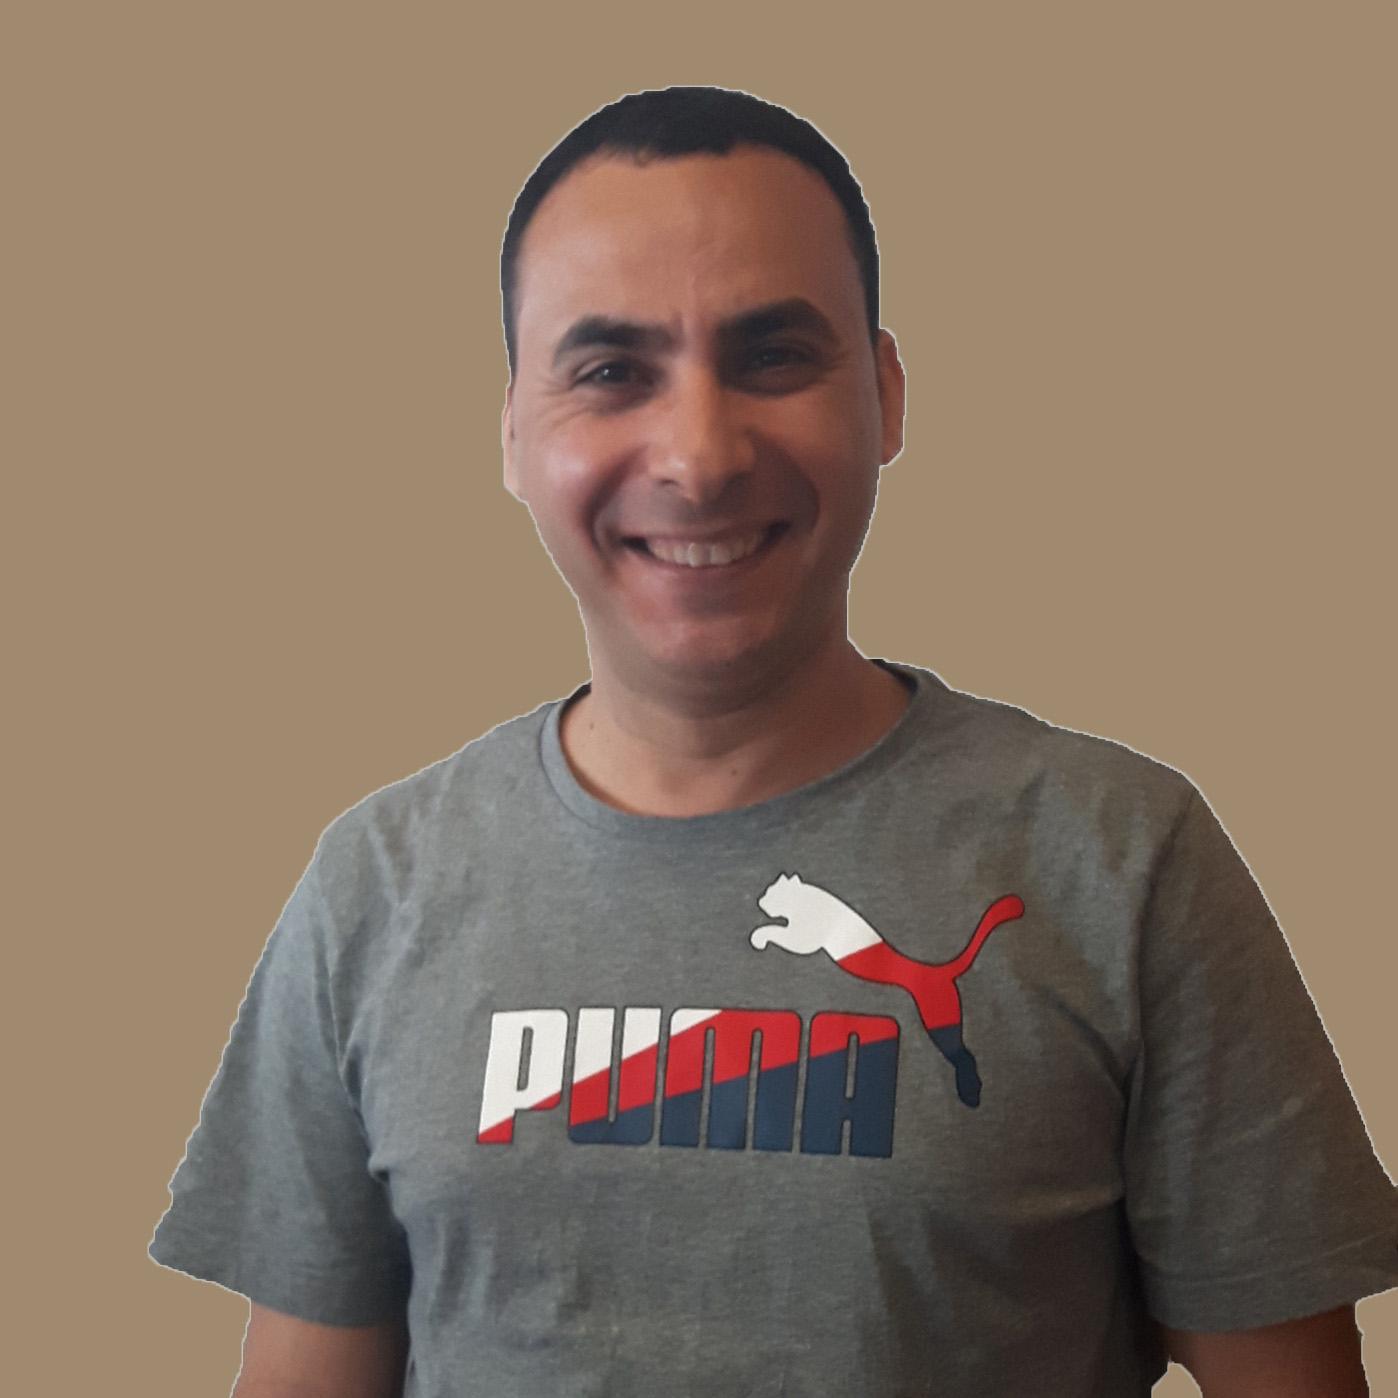 Nourdin Tayel